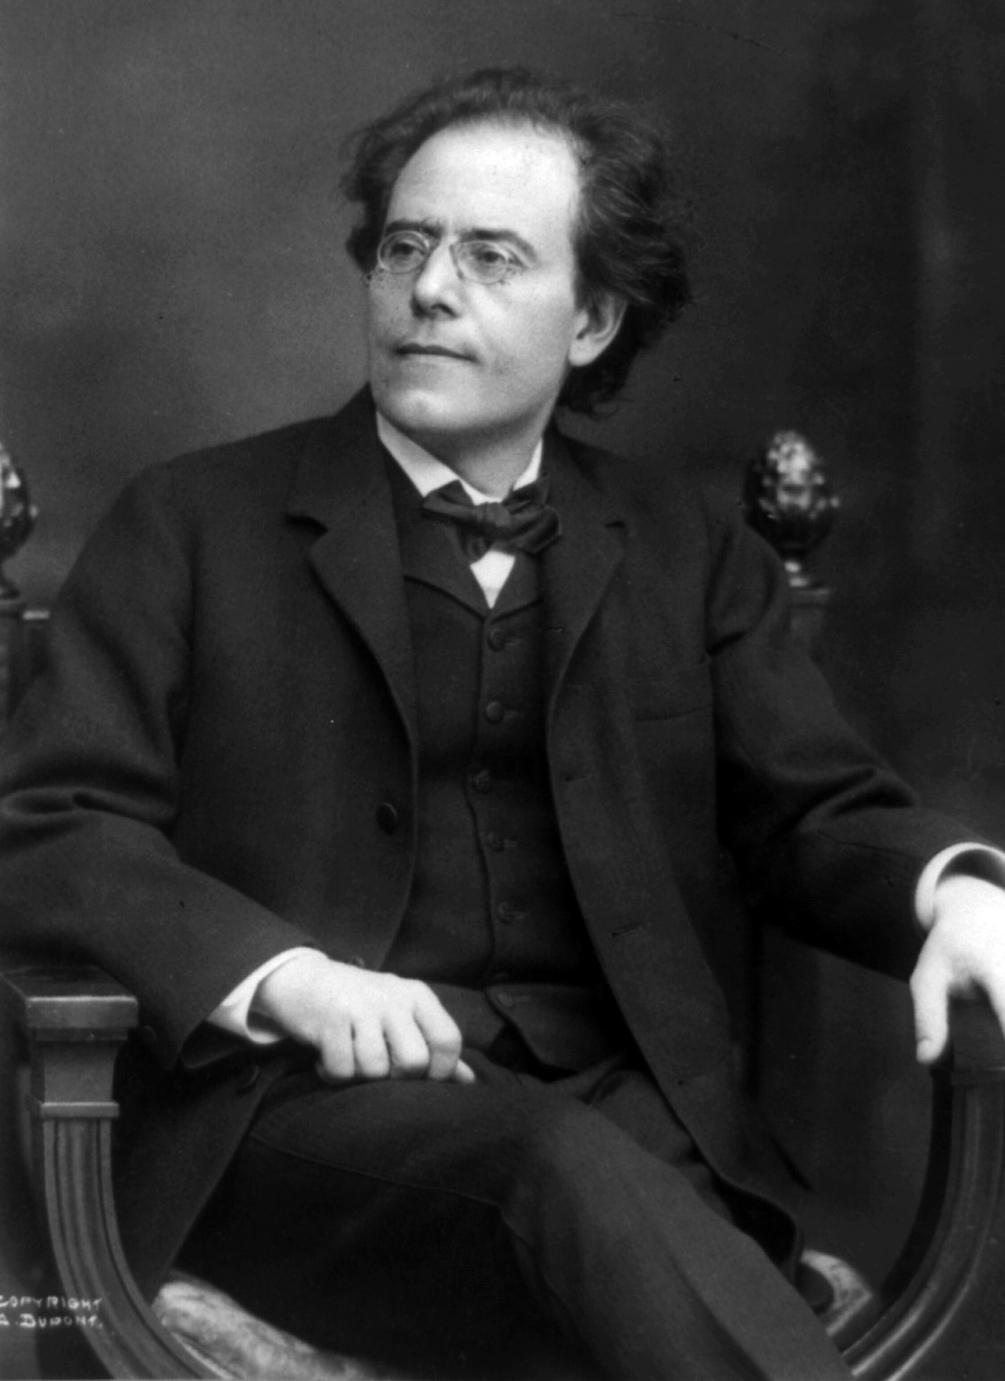 Gustav_Mahler_1909